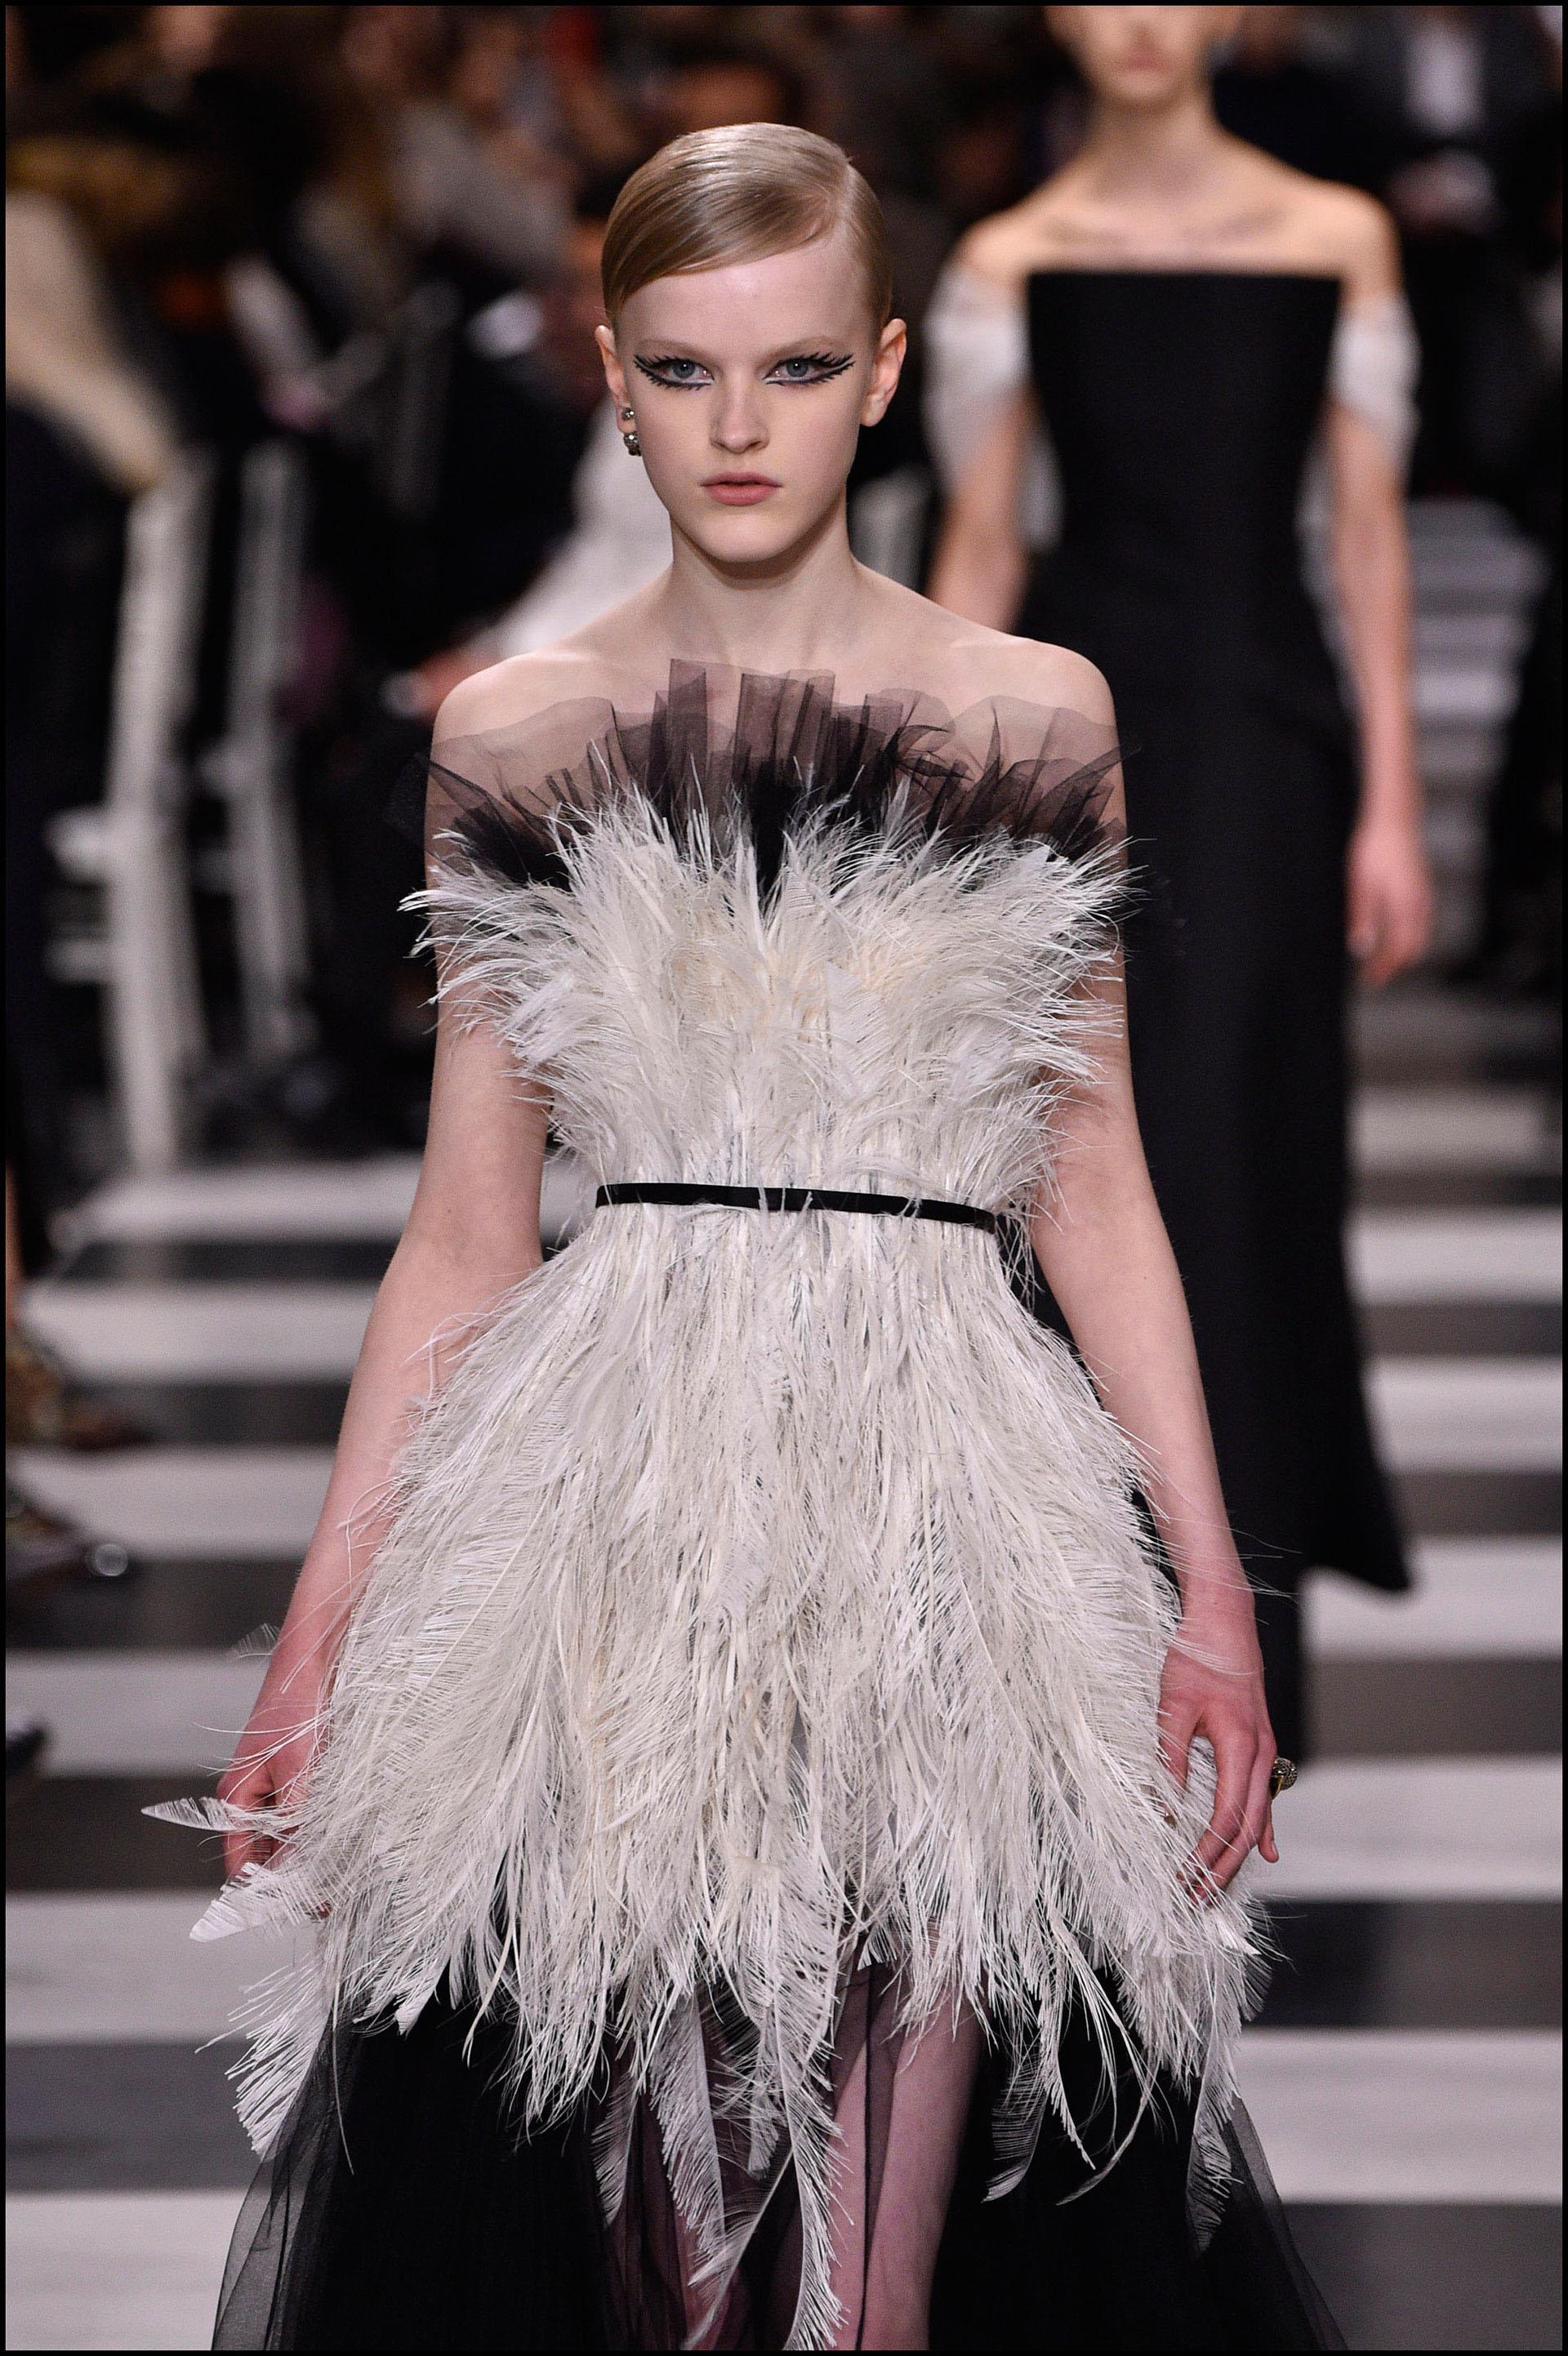 Vestido strapless con tejidos exclusivos: seda, tul, organza, plumeti, gasas semi-transparentes, pedrería y plumas.